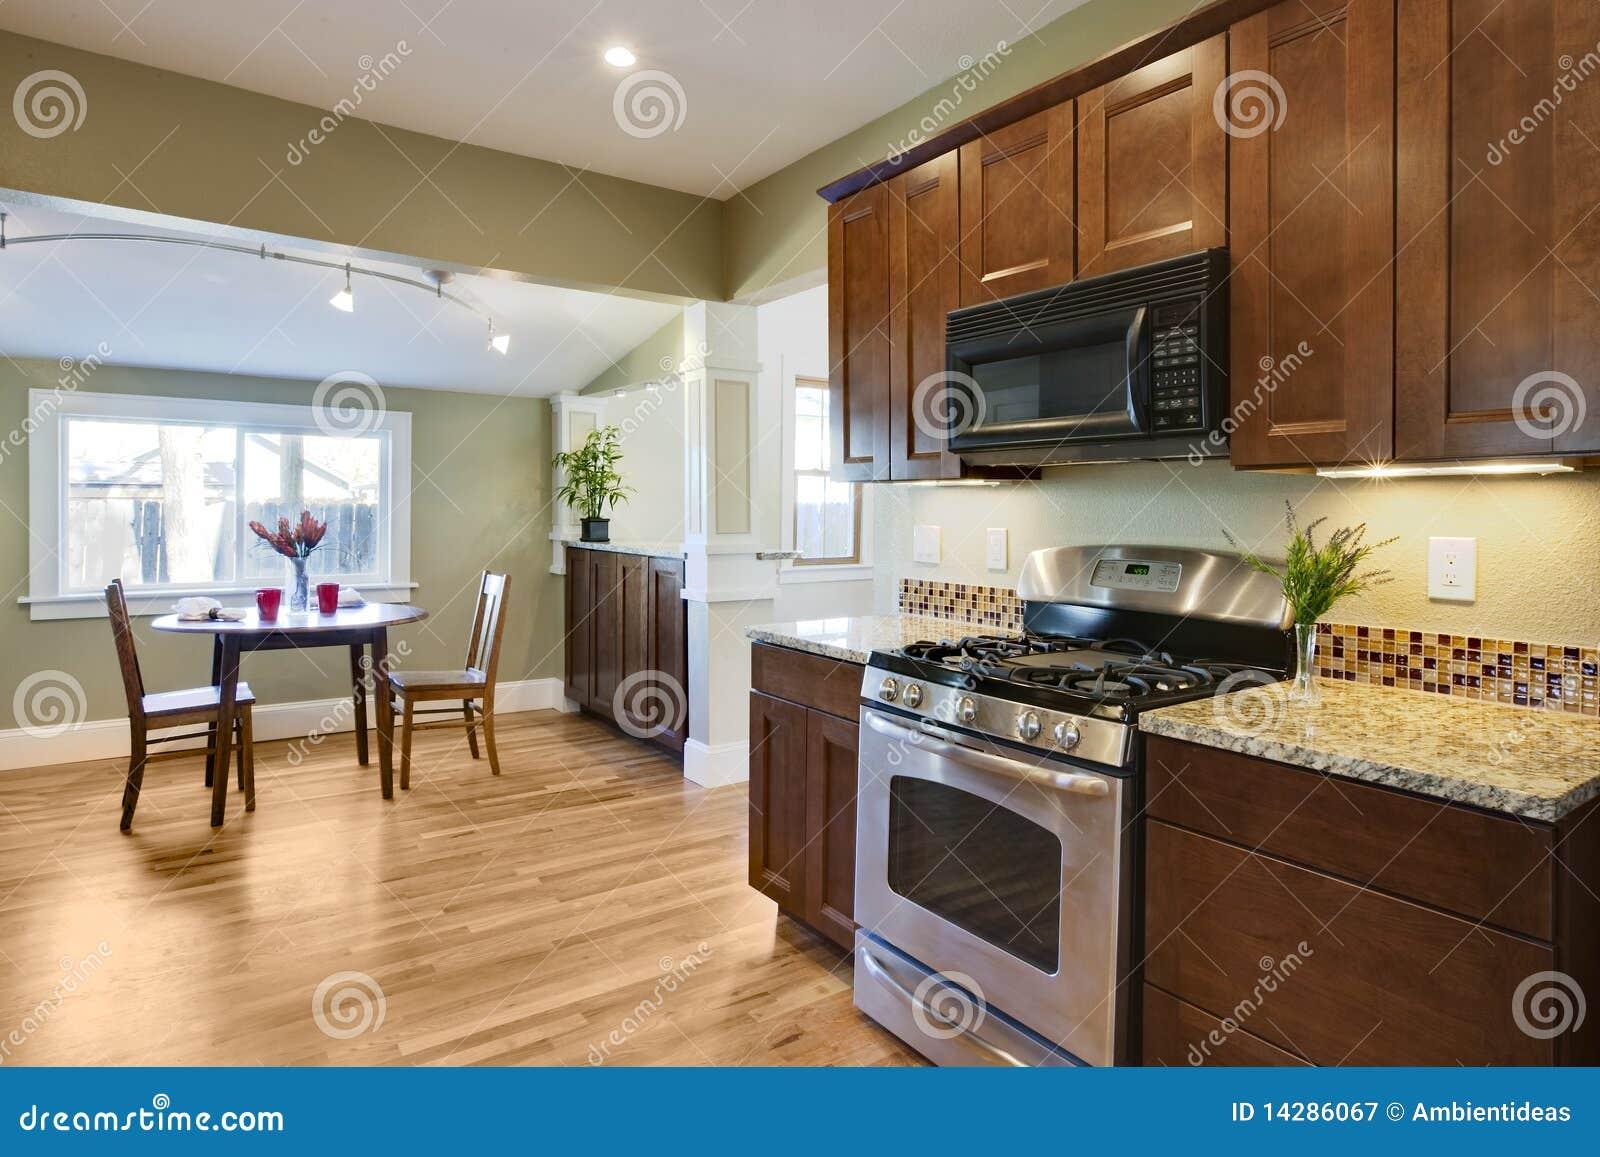 Transformez la cuisine avec le plancher en bois for Cuisine plancher bois